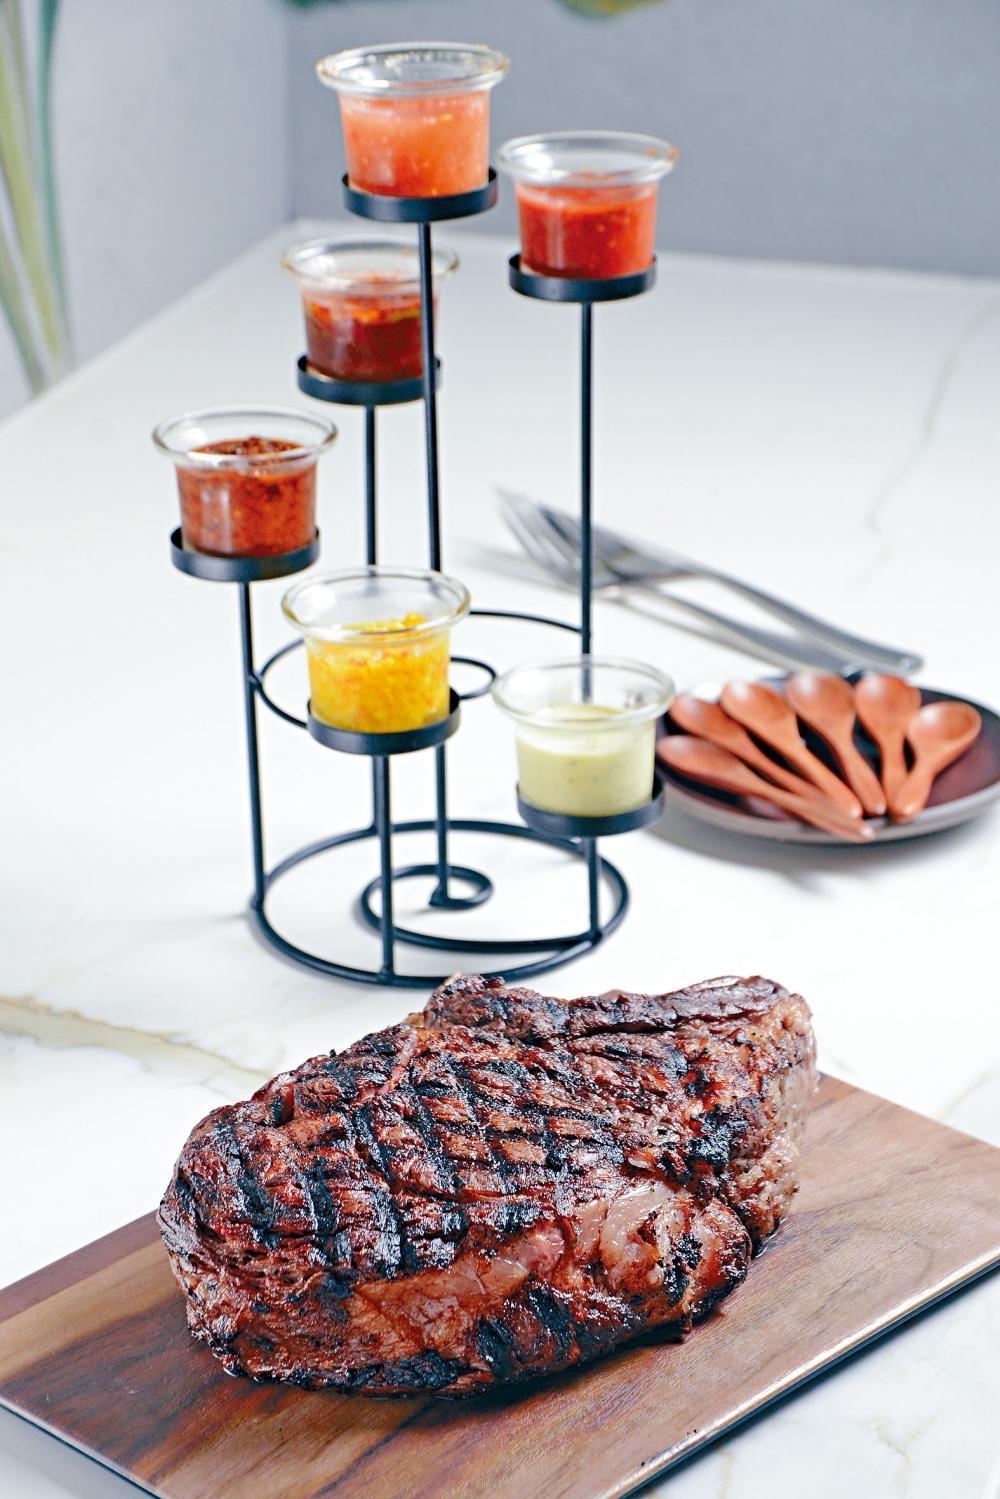 美國有骨肉眼扒選用頂級美國肉眼扒,烤得外脆內嫩,肉質豐腴不過膩,滋味無窮。